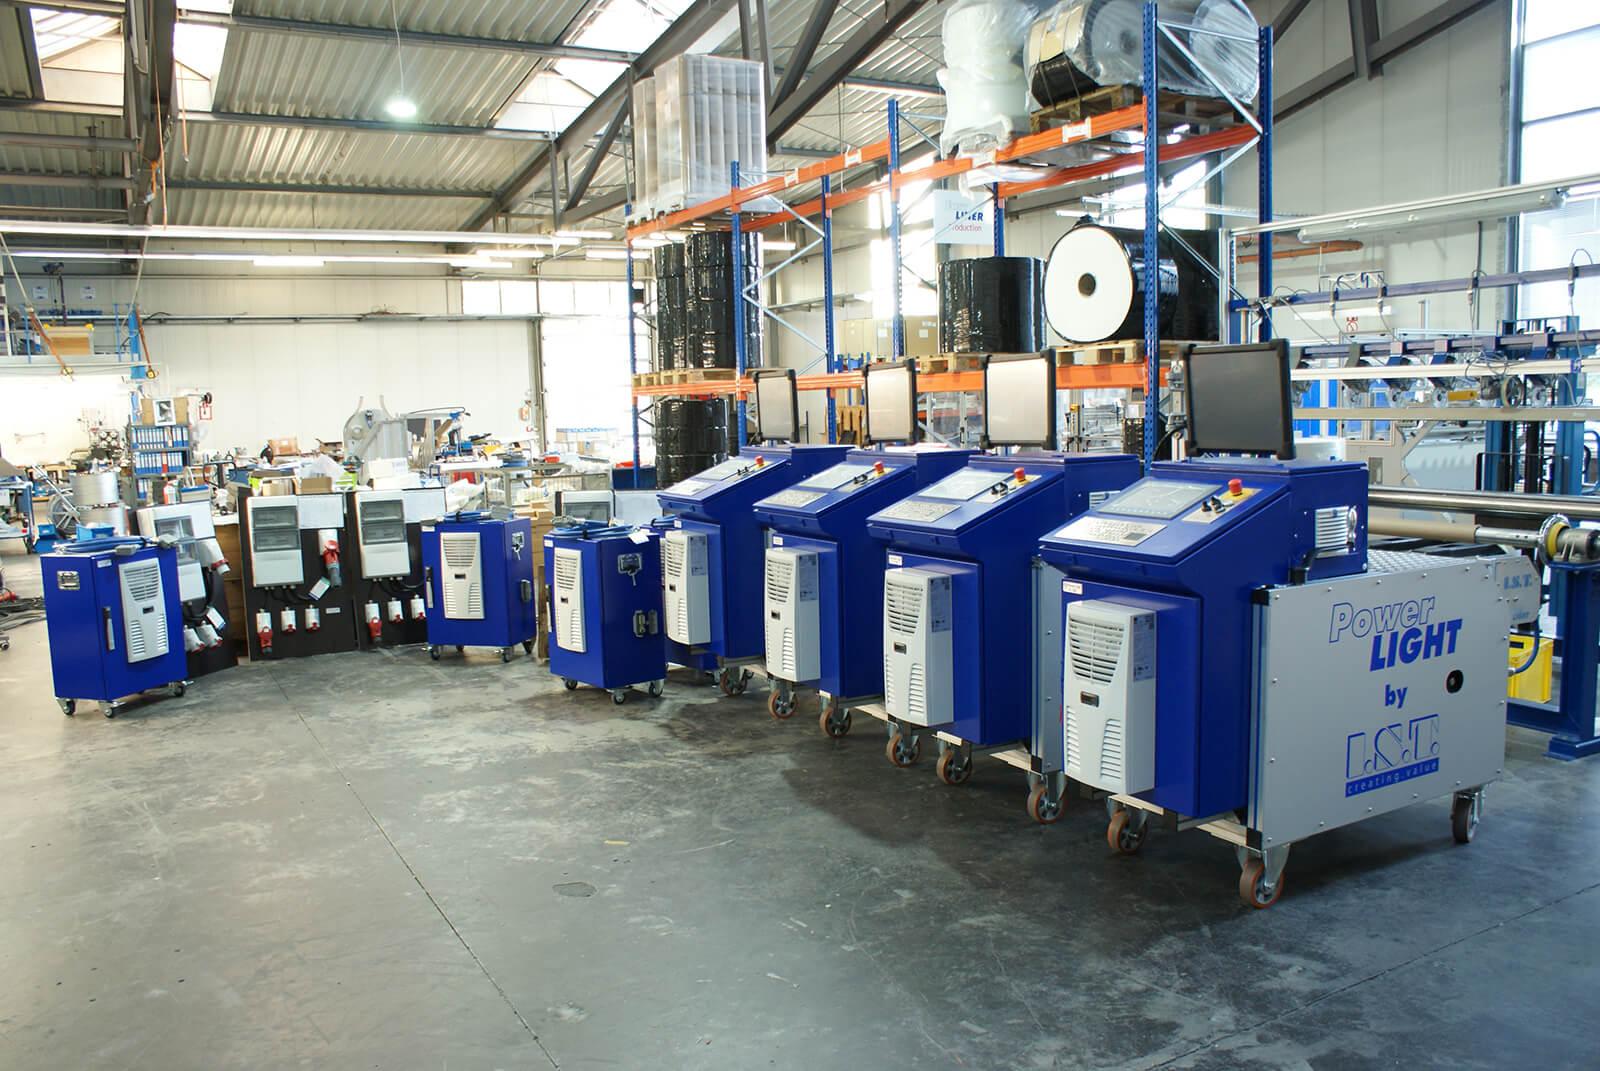 UV Kompaktanlagen fertig für Auslieferung